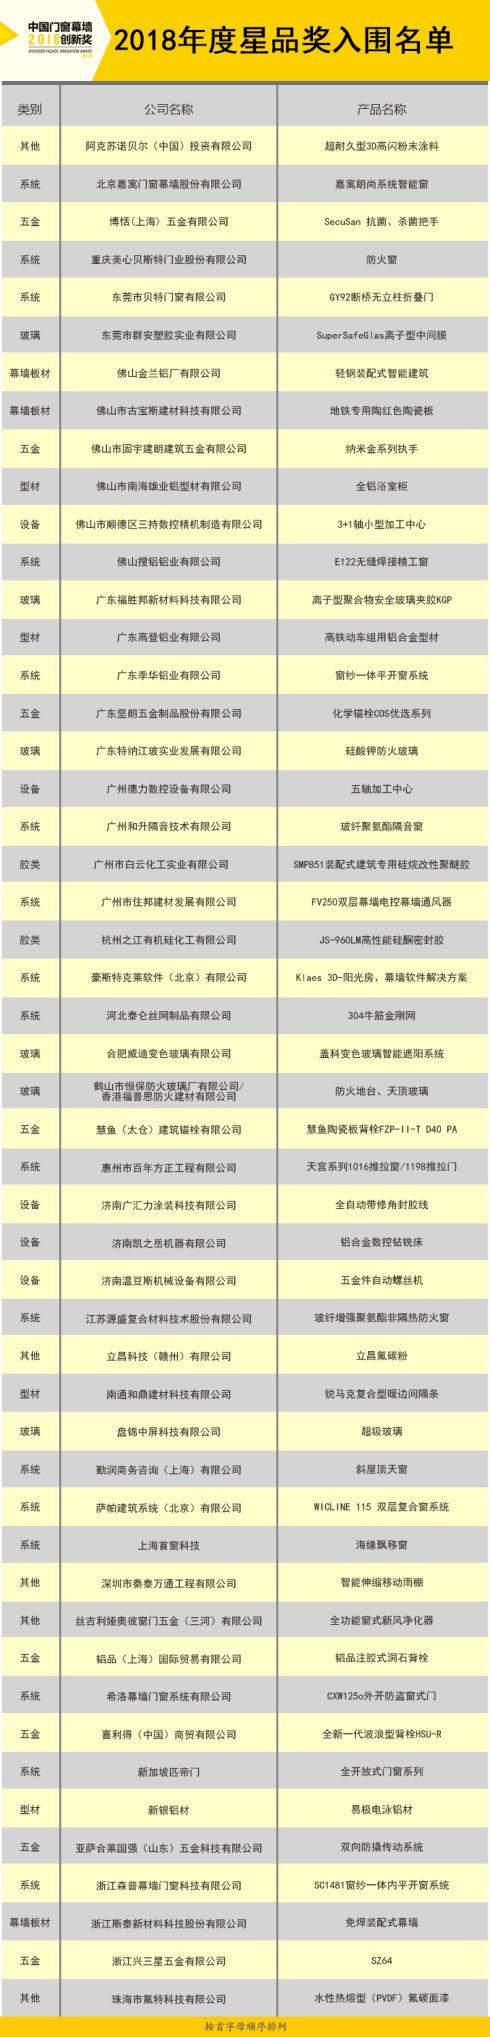 """[门窗展]2018创新奖入围名单揭晓,""""星品""""迷一定不能错过!_1"""